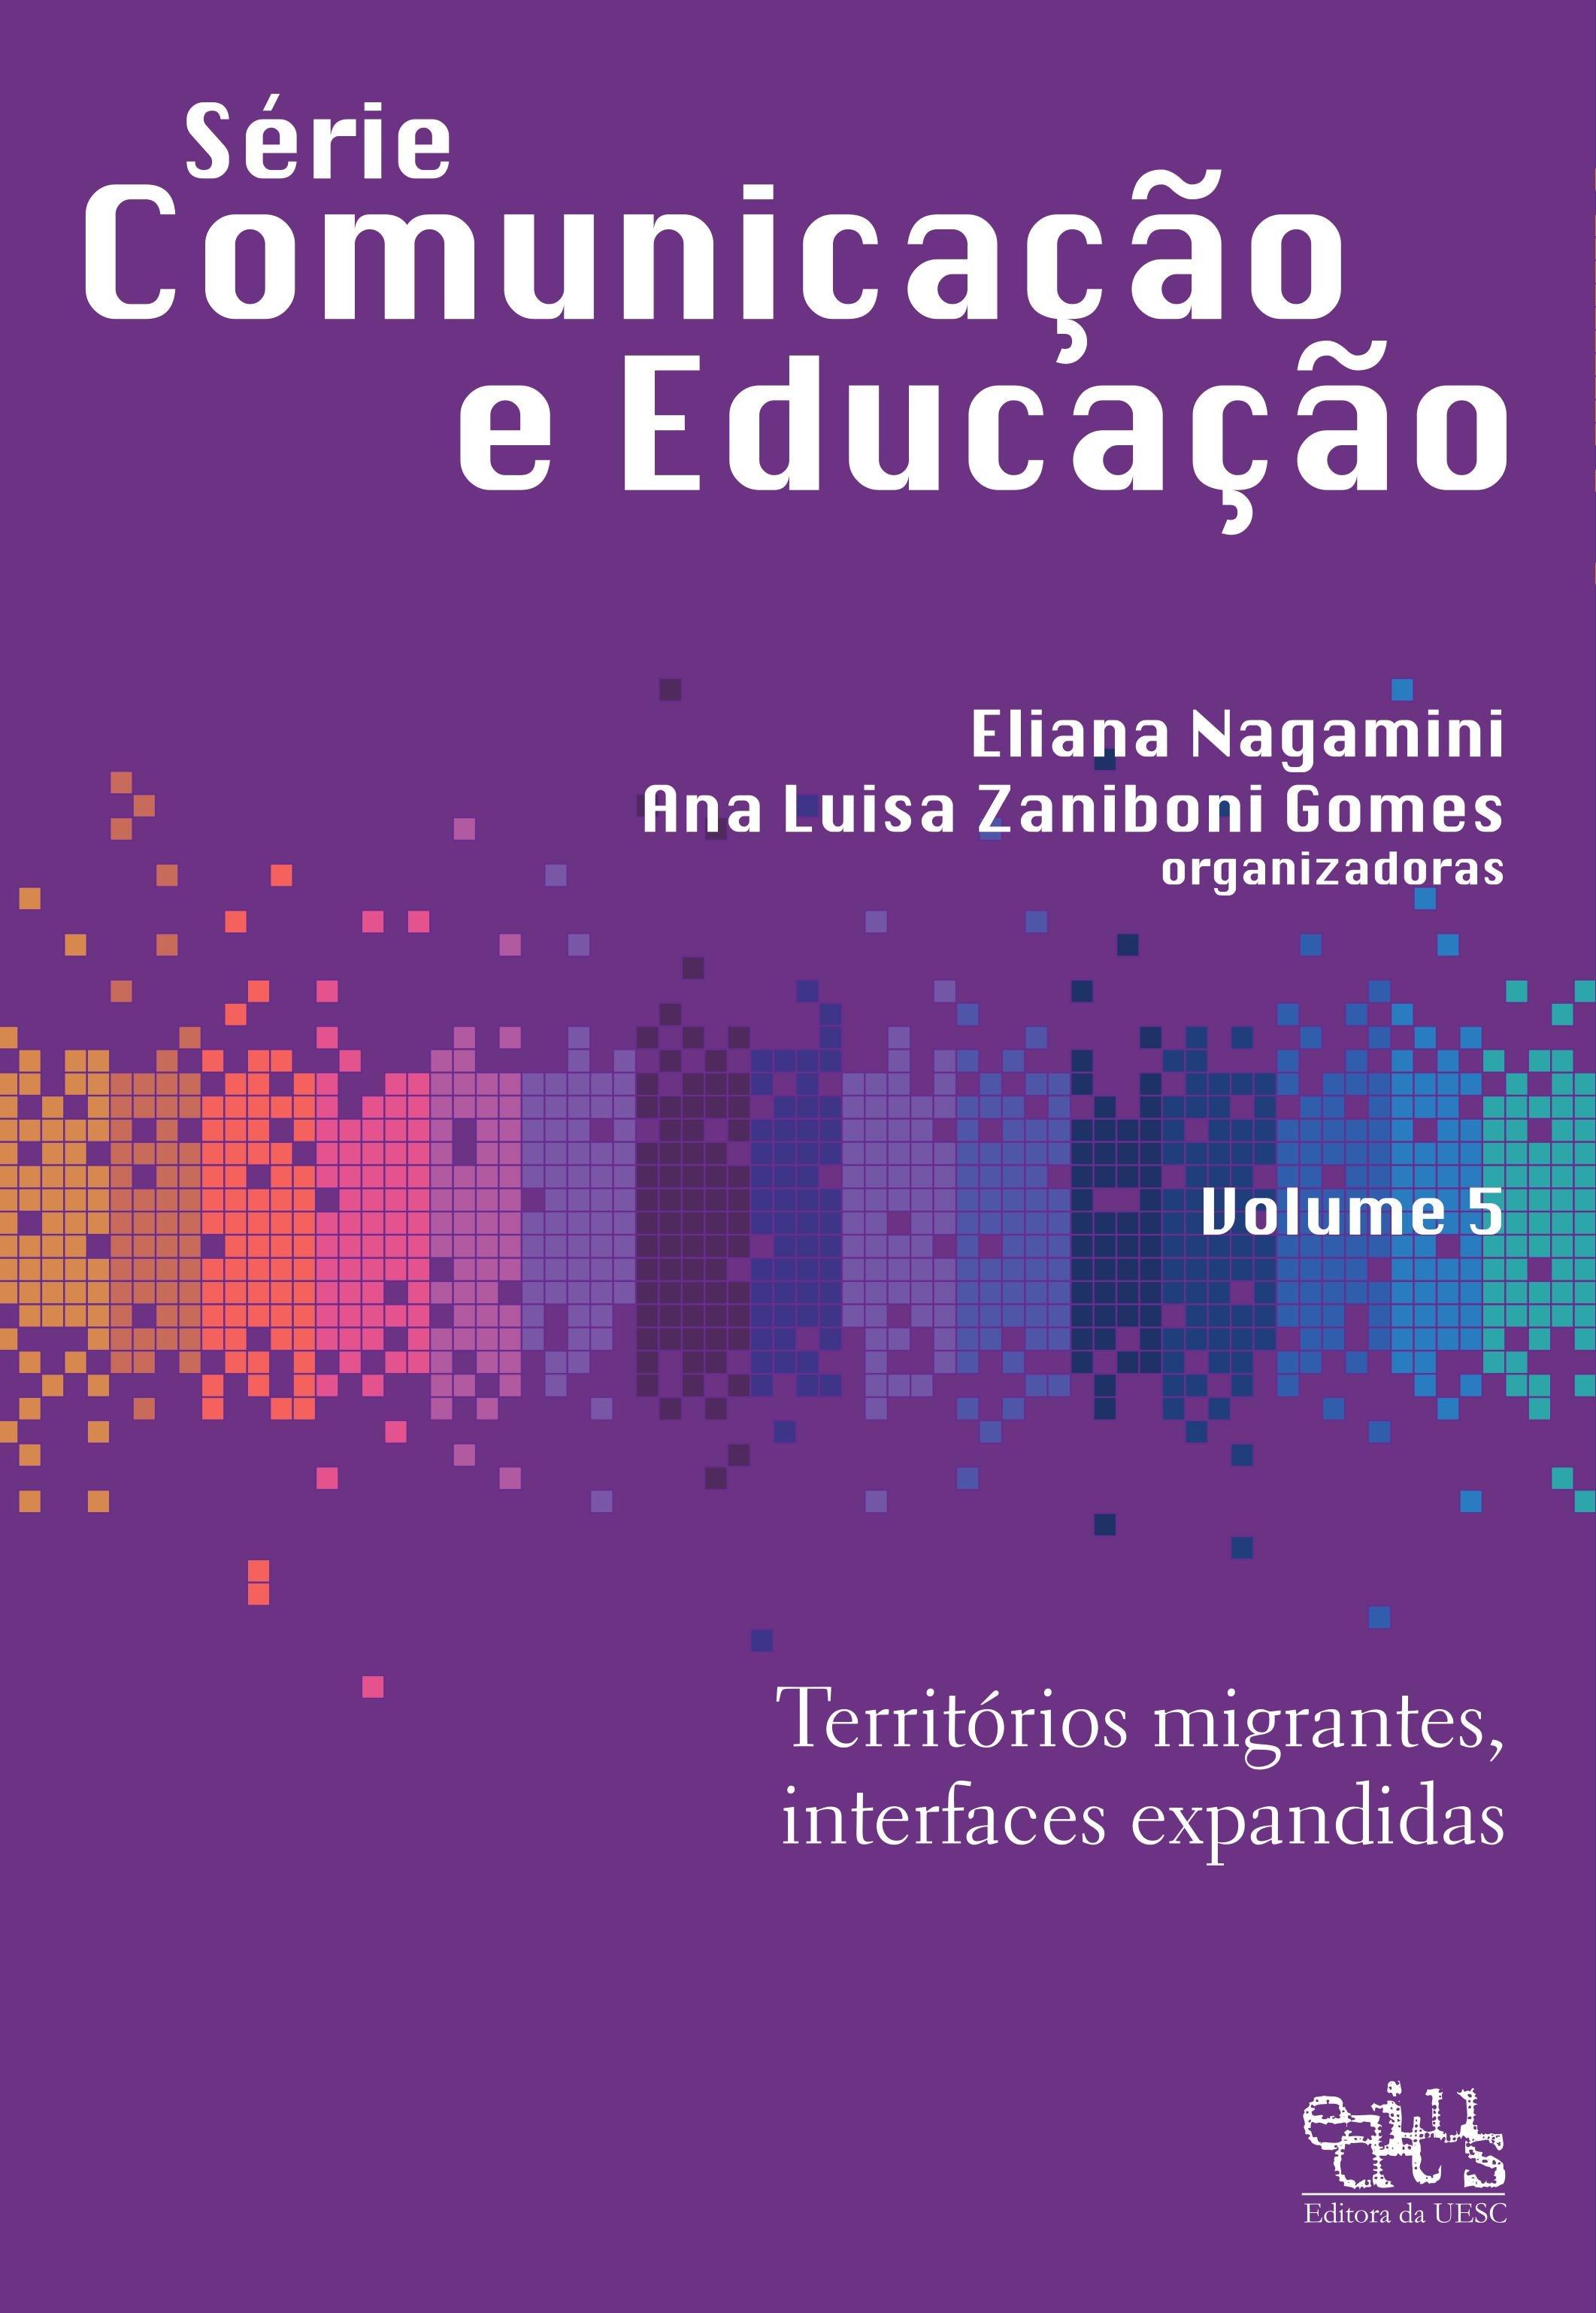 Territórios migrantes, interfaces expandidas, livro de Eliana Nagamini, Ana Luiza Zaniboni Gomes